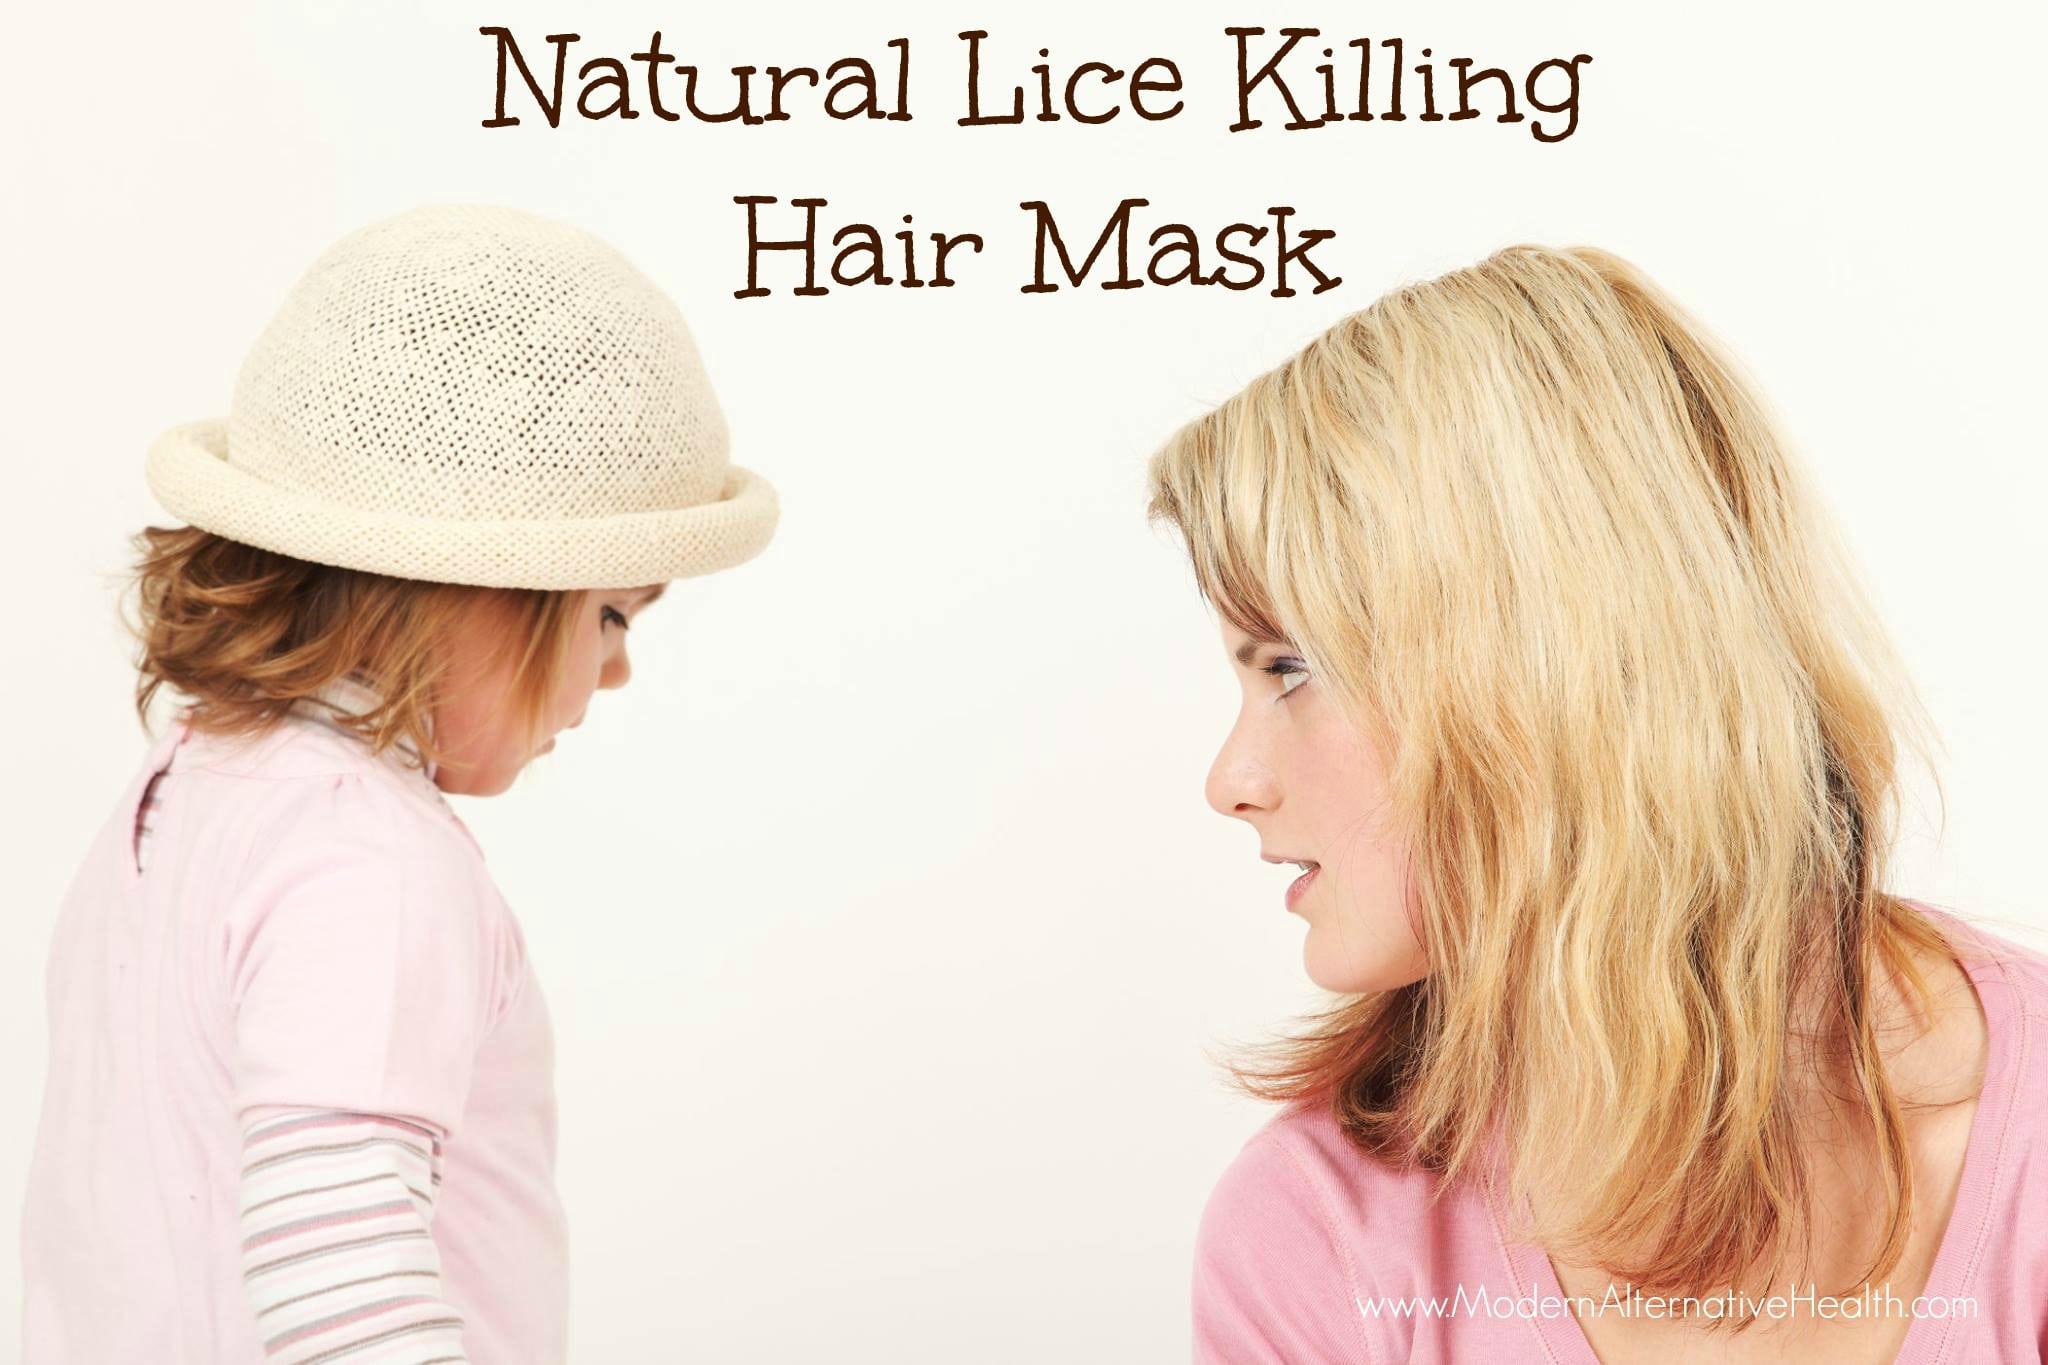 Natural Lice Killing Hair Mask